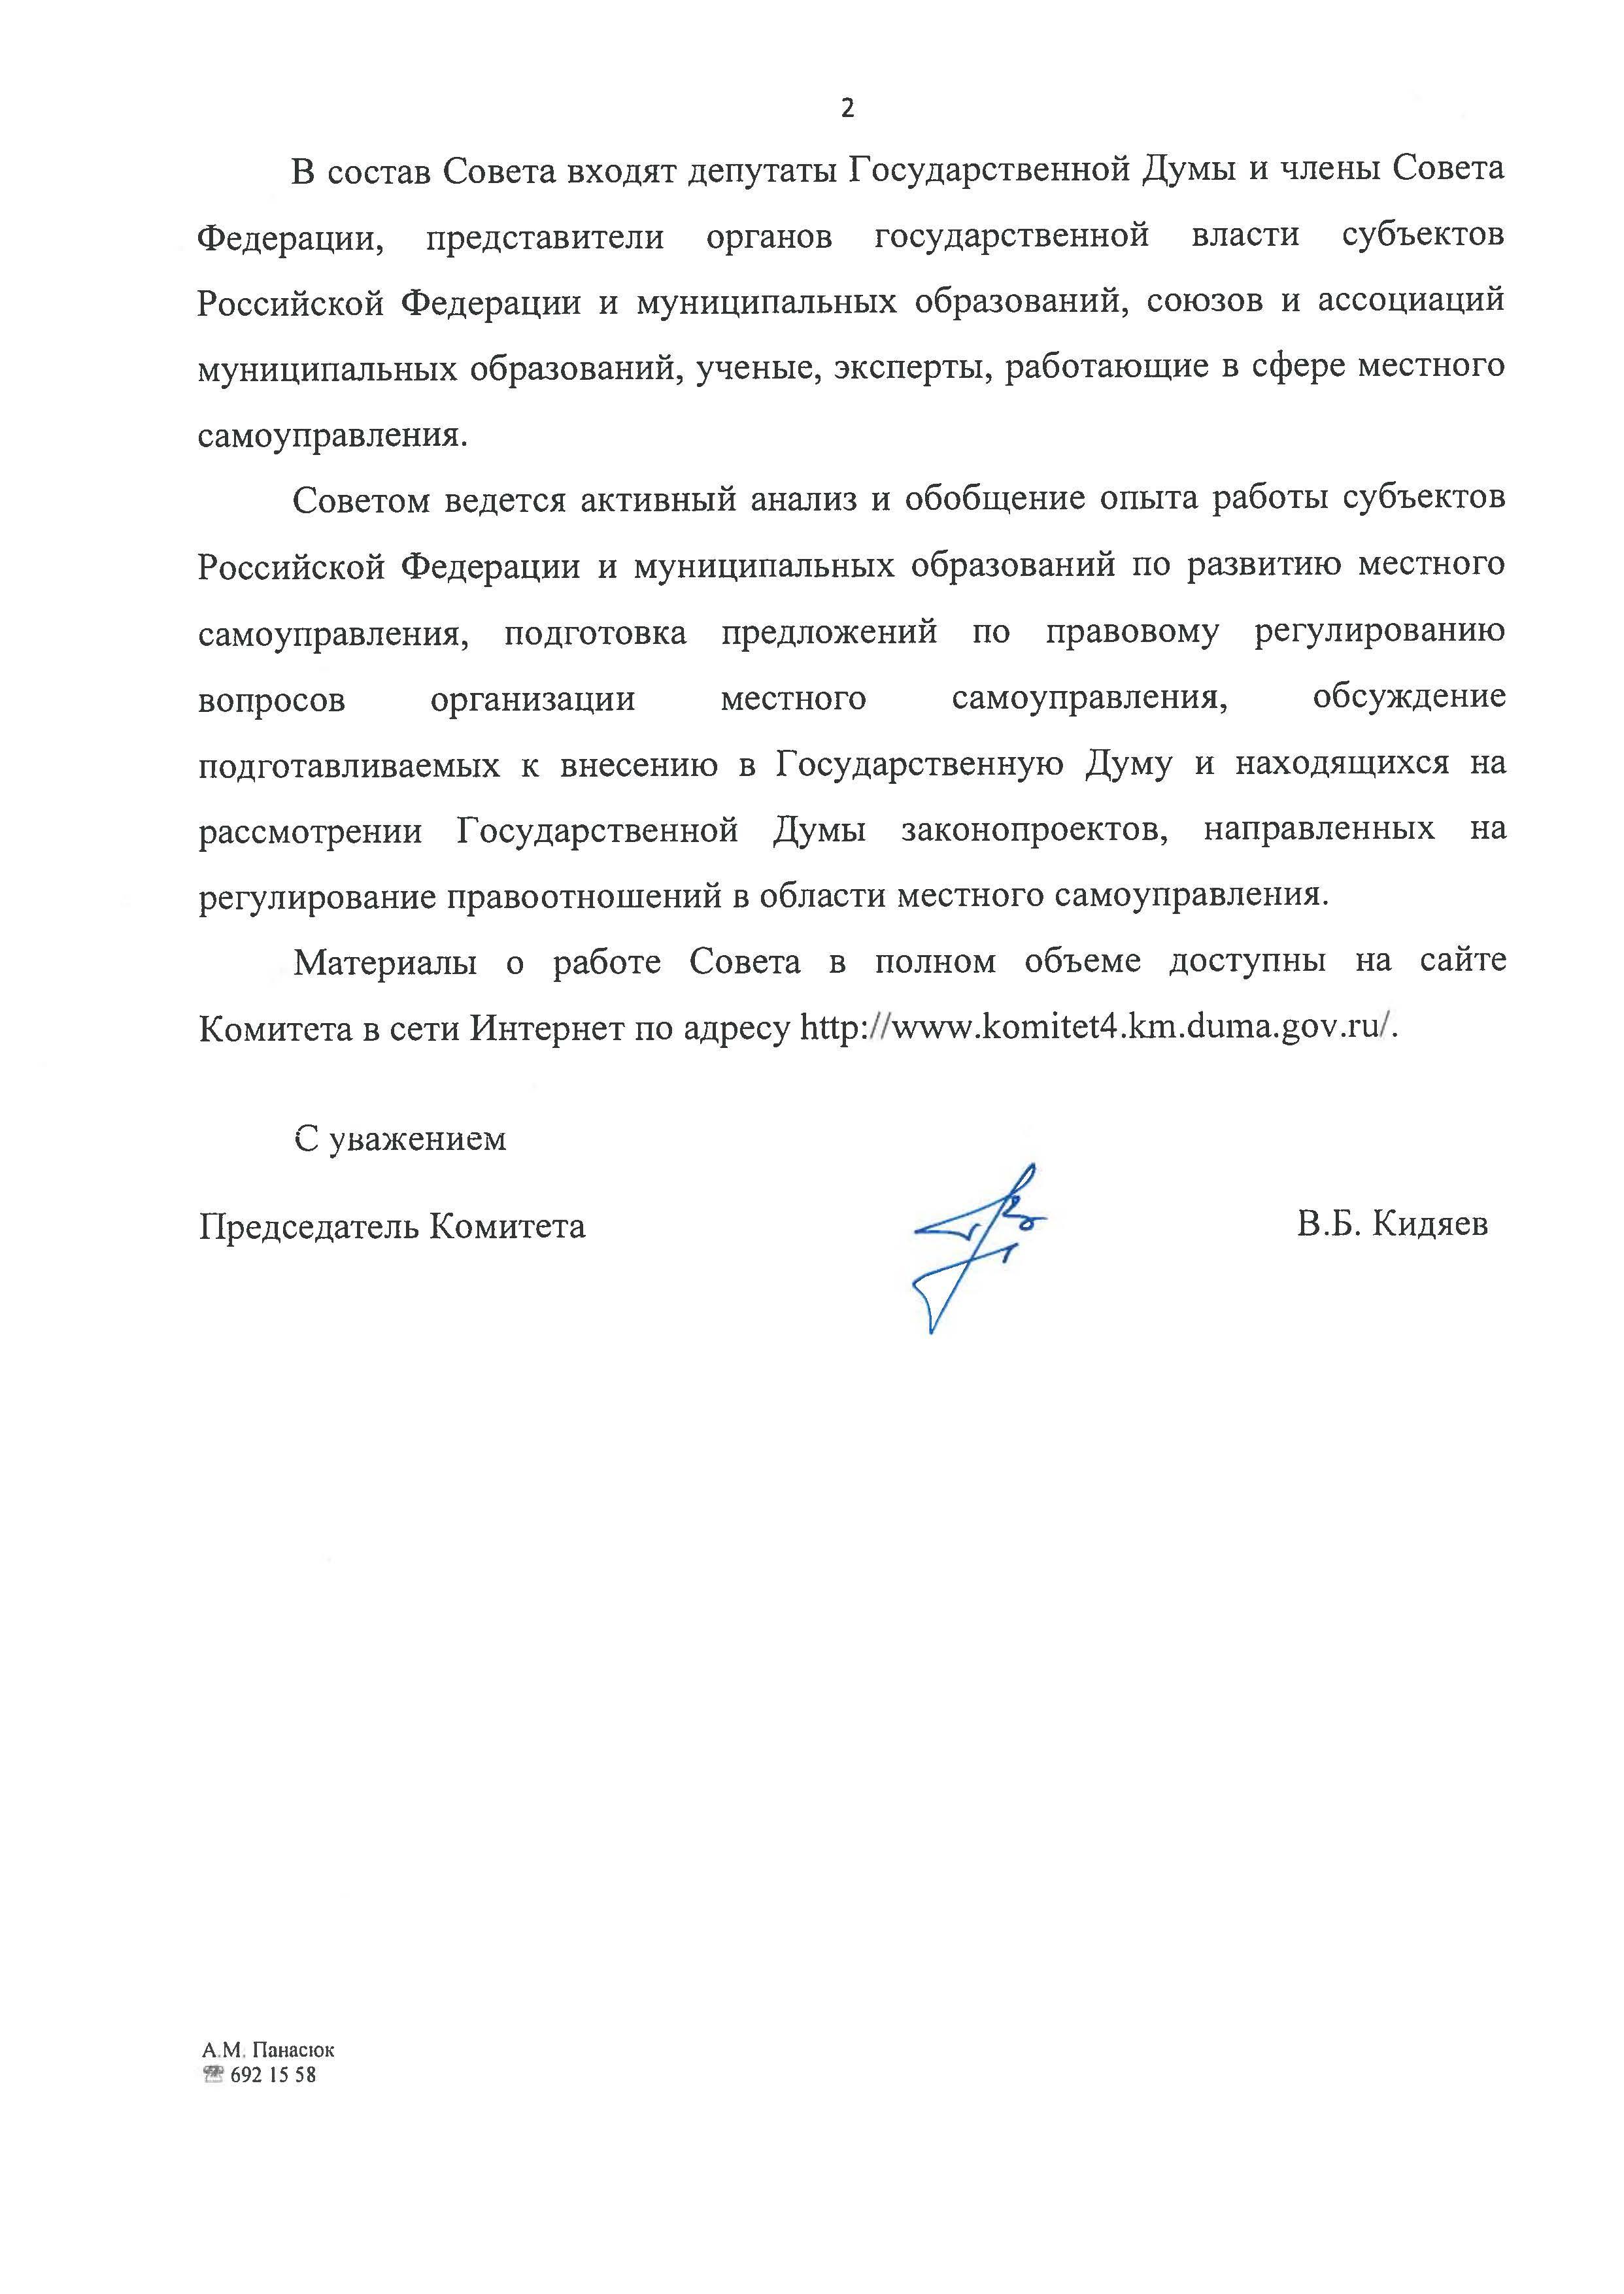 seleznev_Страница_2